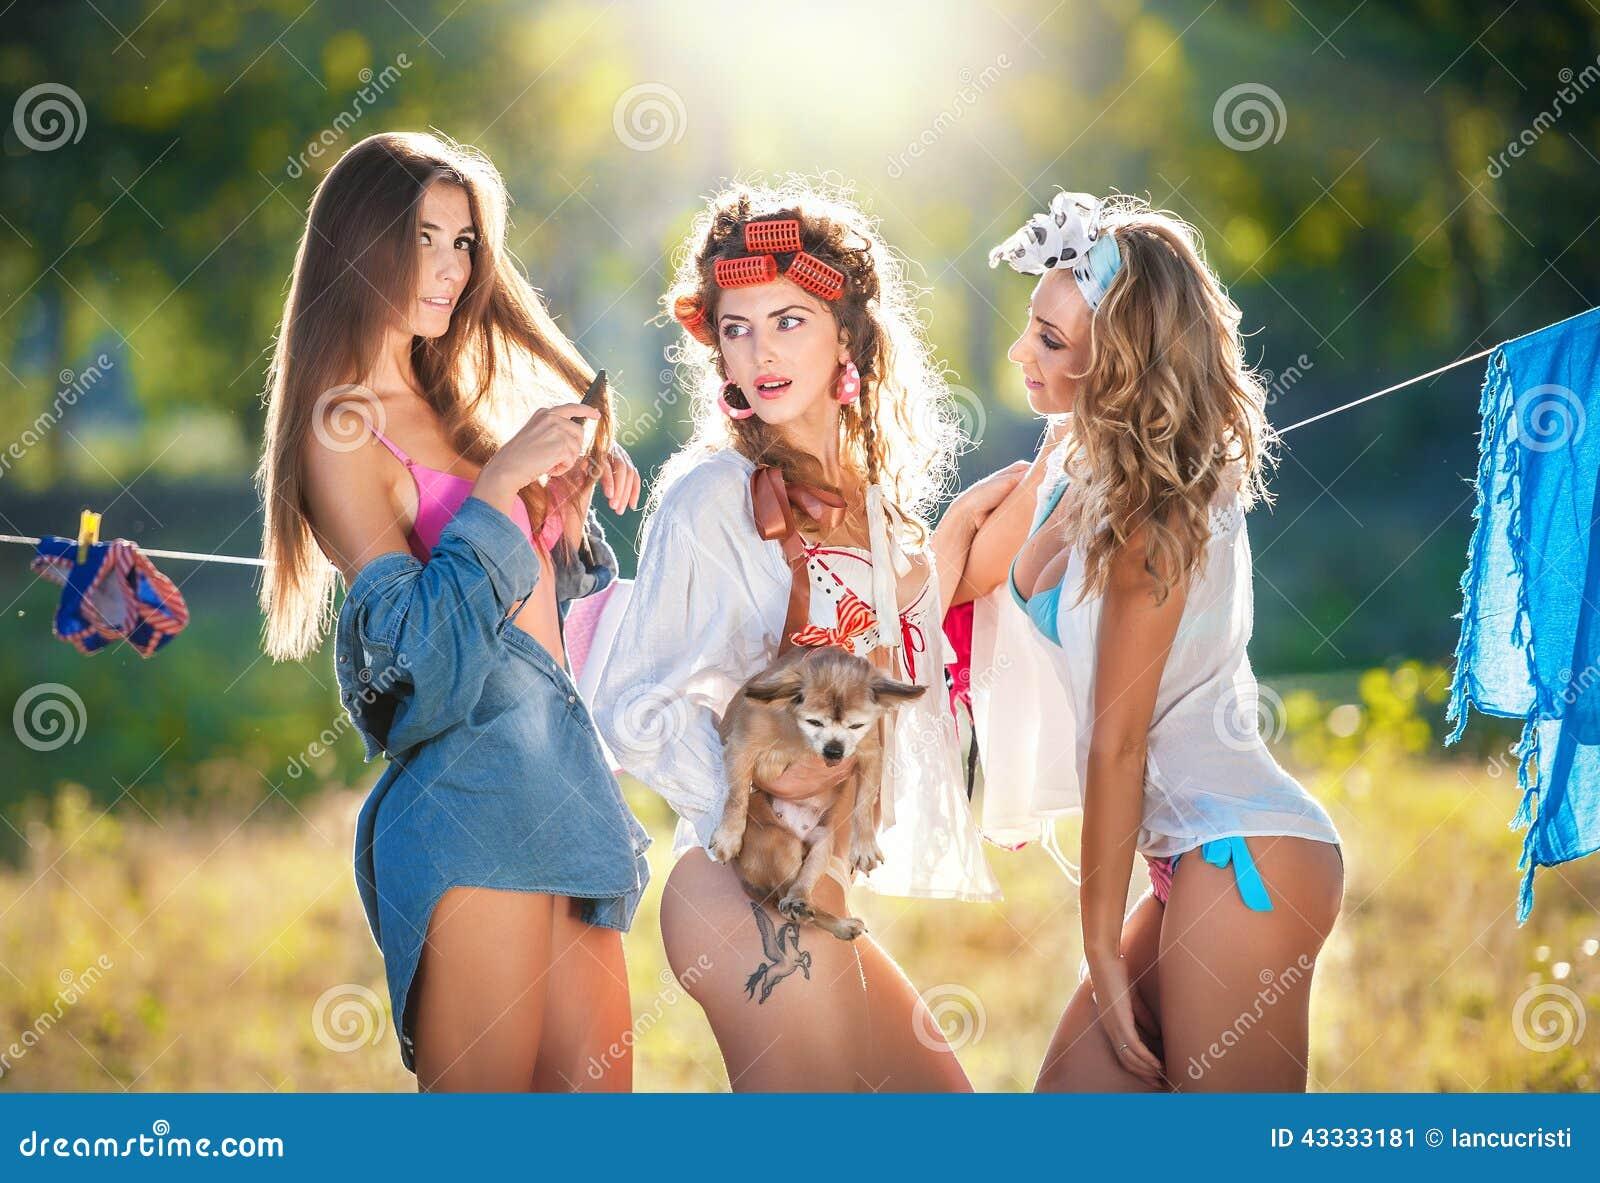 Spermaduschen in die Fressen der drei Weiber